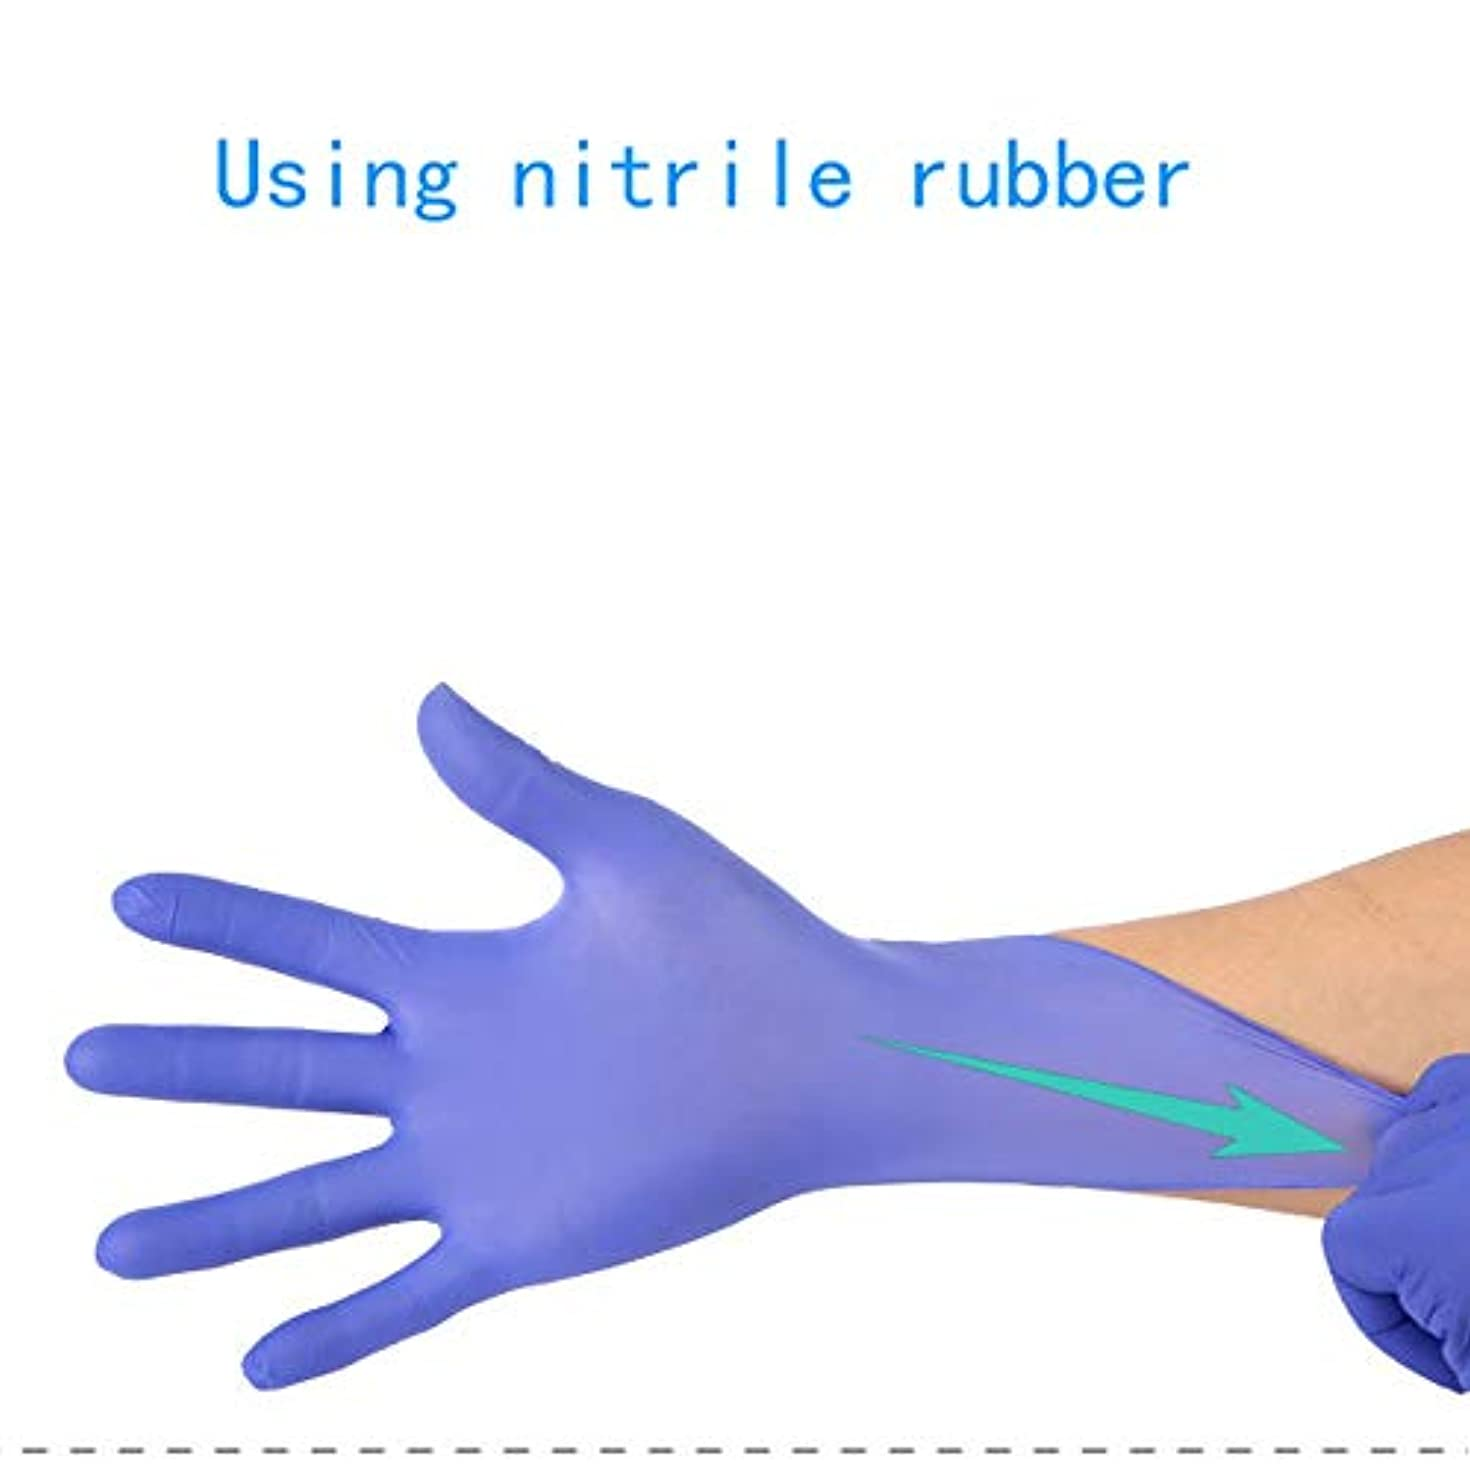 説得力のあるラボ噴水ニトリル医療グレード試験用手袋、使い捨て、ラテックスフリー、100カウント、滅菌済み使い捨て安全手袋 (Color : Purple, Size : L)